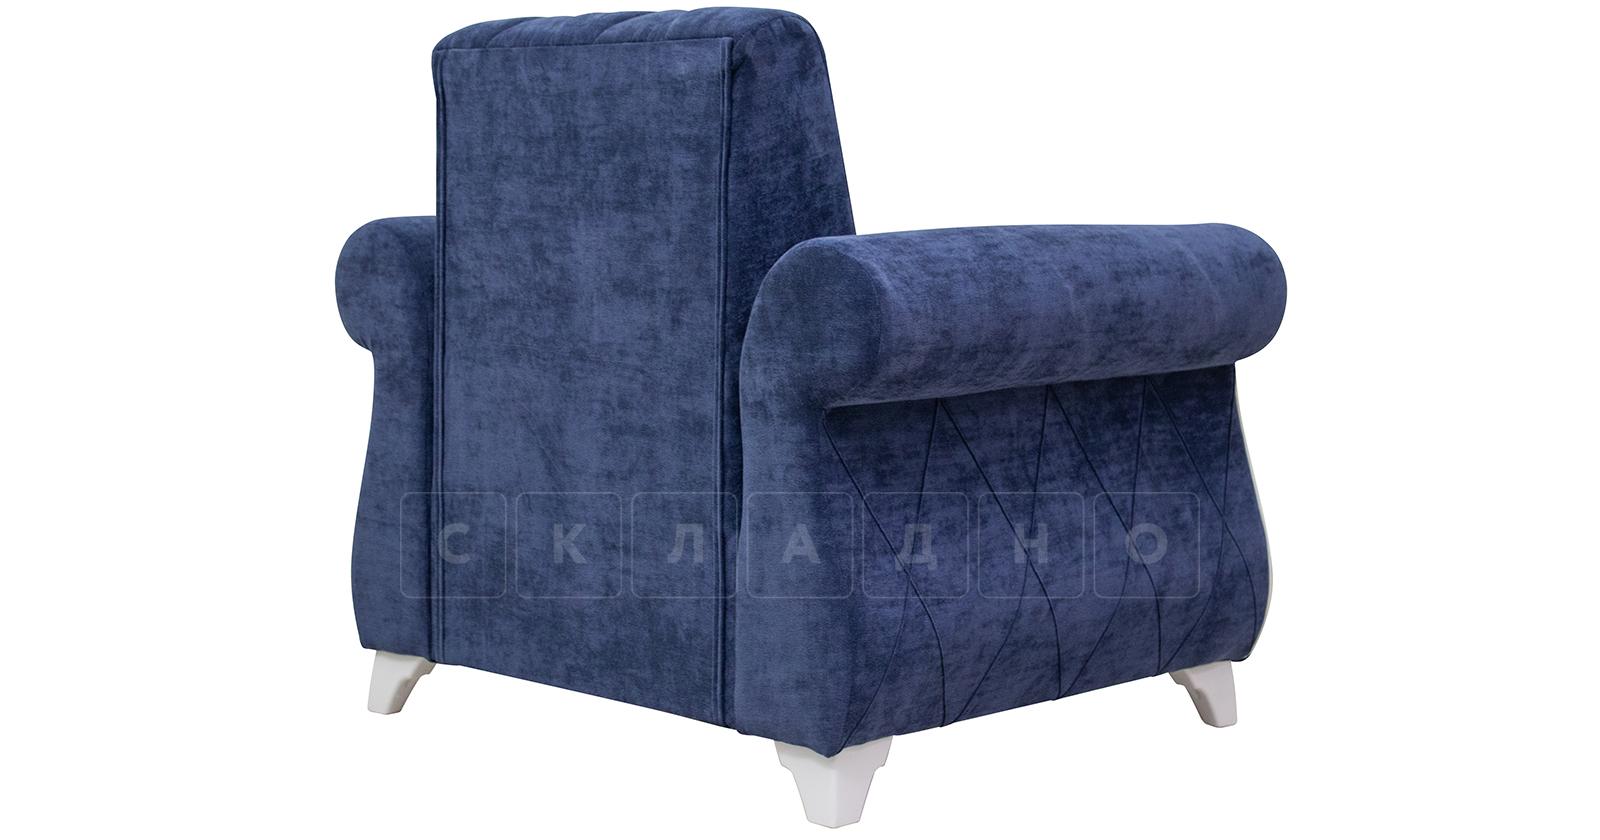 Кресло для отдыха Роза чернильный синий фото 4 | интернет-магазин Складно